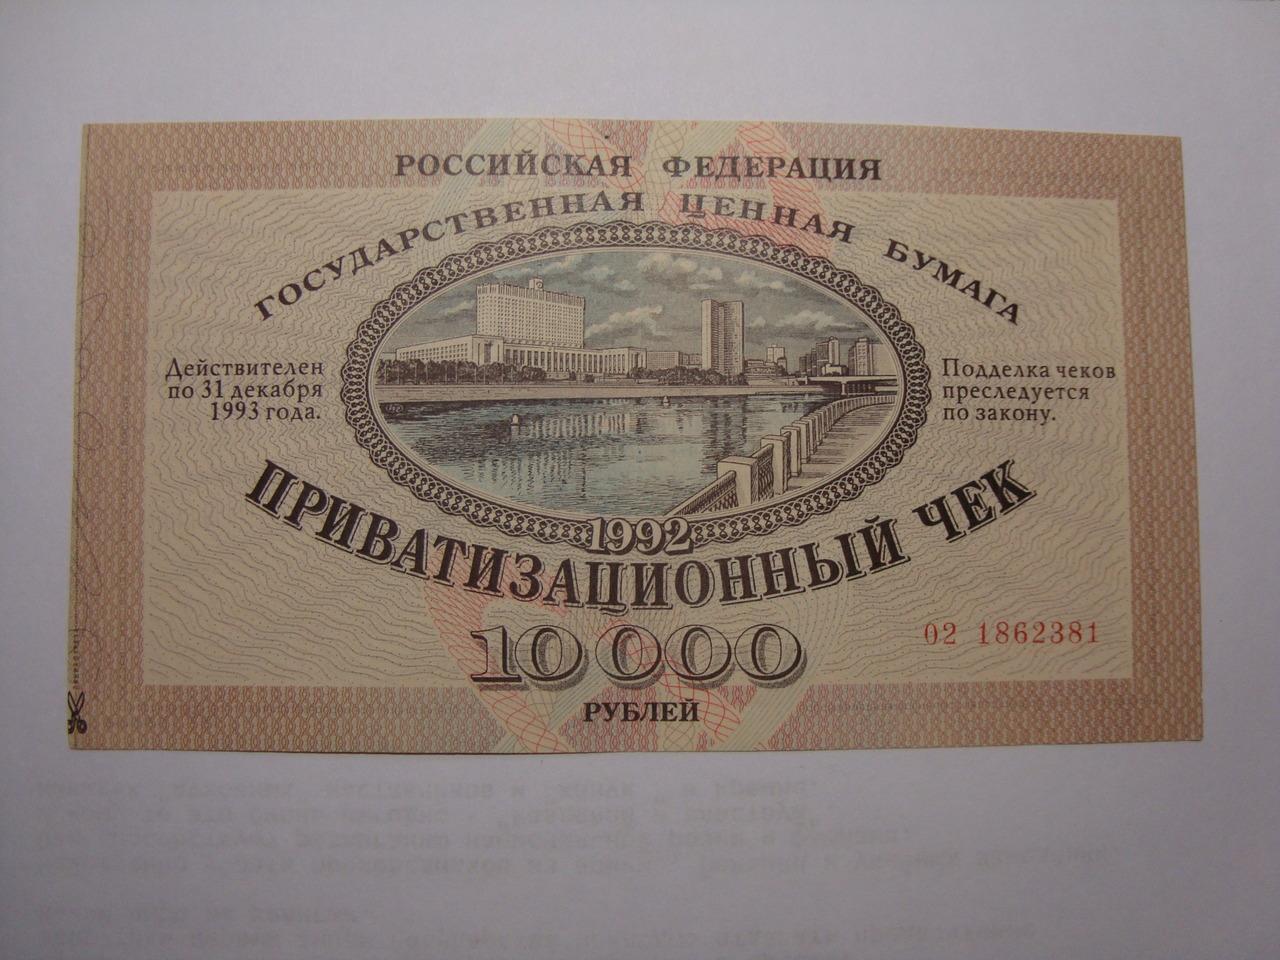 Ваучер цена сейчас стоимость монеты 2 лита литва 1999 года